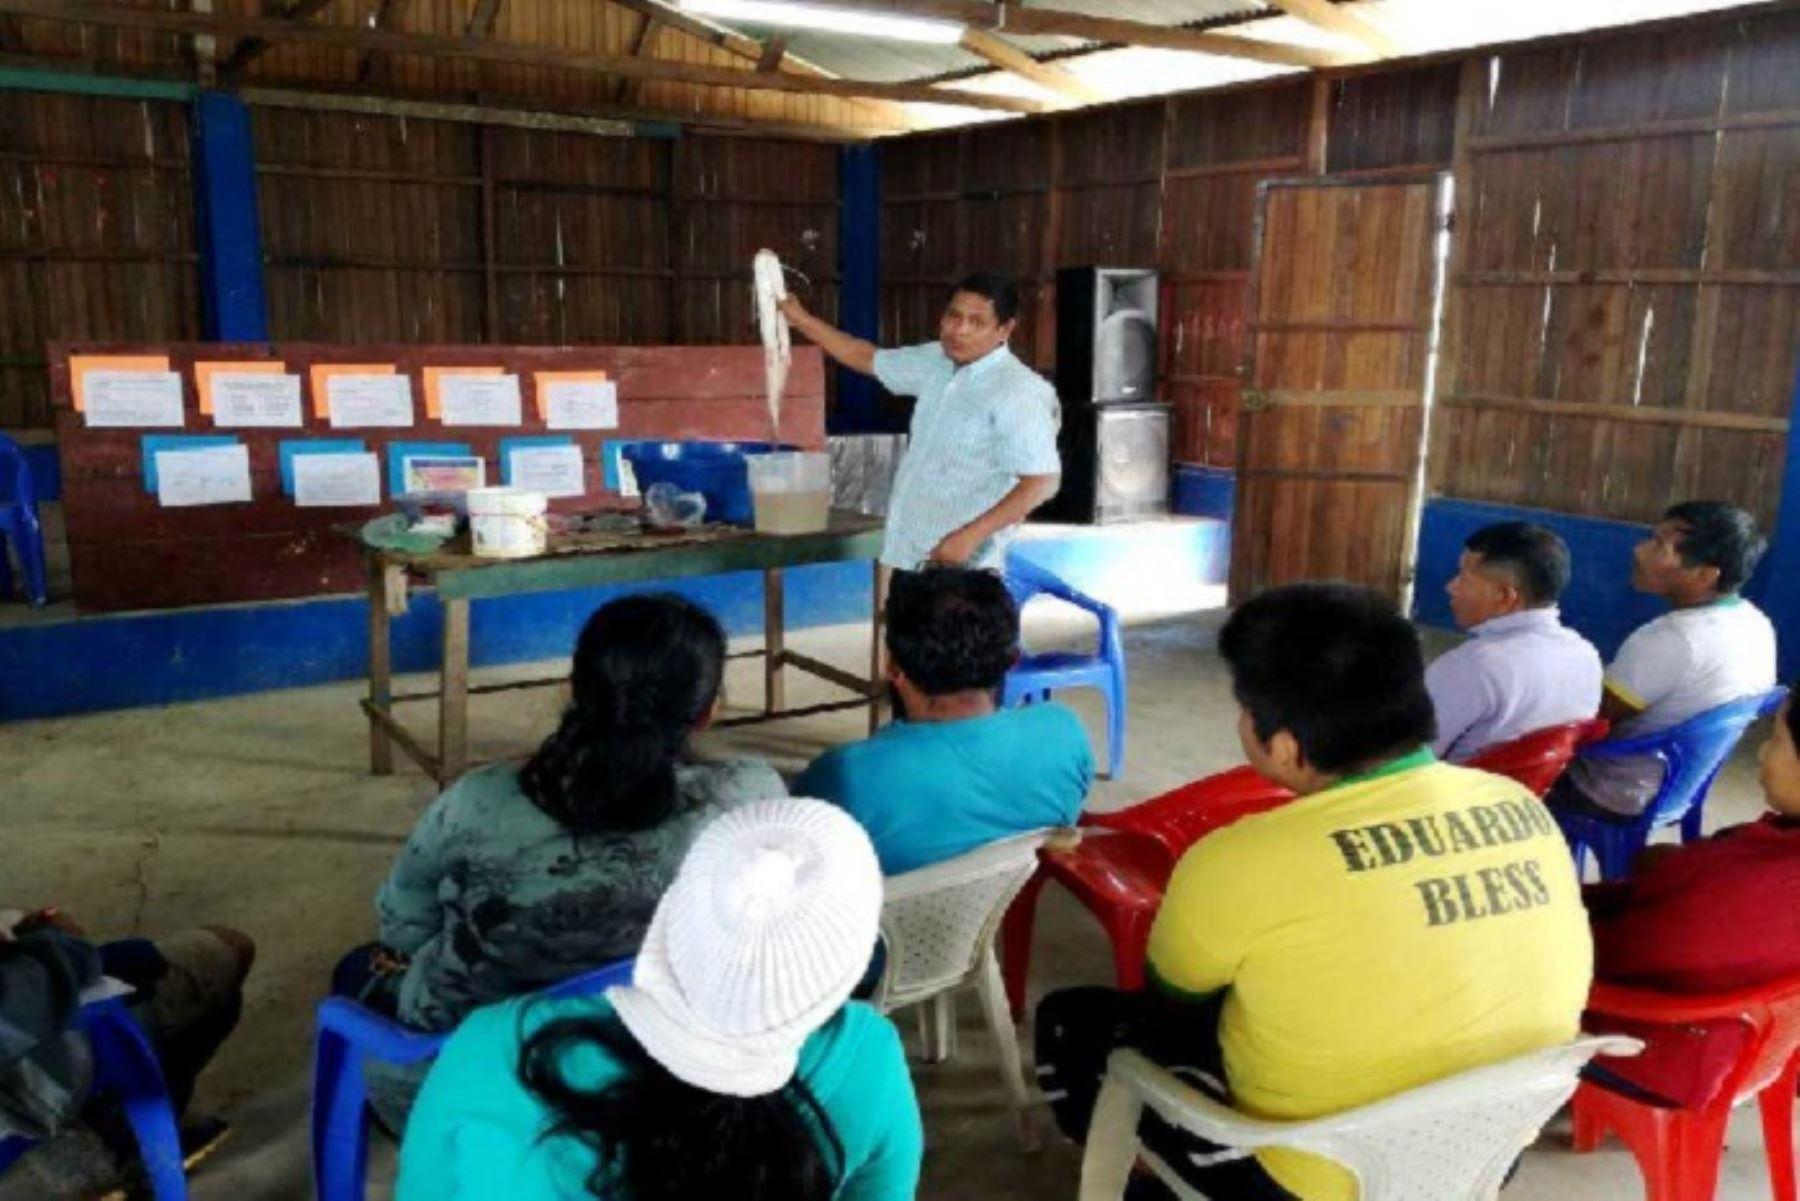 El Ministerio de Trabajo y Promoción del Empleo (MTPE), a través del programa Jóvenes Productivos, lanzará mañana jueves 16 de mayo en la ciudad de Tarapoto, región San Martín, el concurso Yo Trabajo Emprendiendo, como parte de la capacitación para el autoempleo dirigida a jóvenes entre 15 a 29 años en condición de pobreza de esta parte del país.